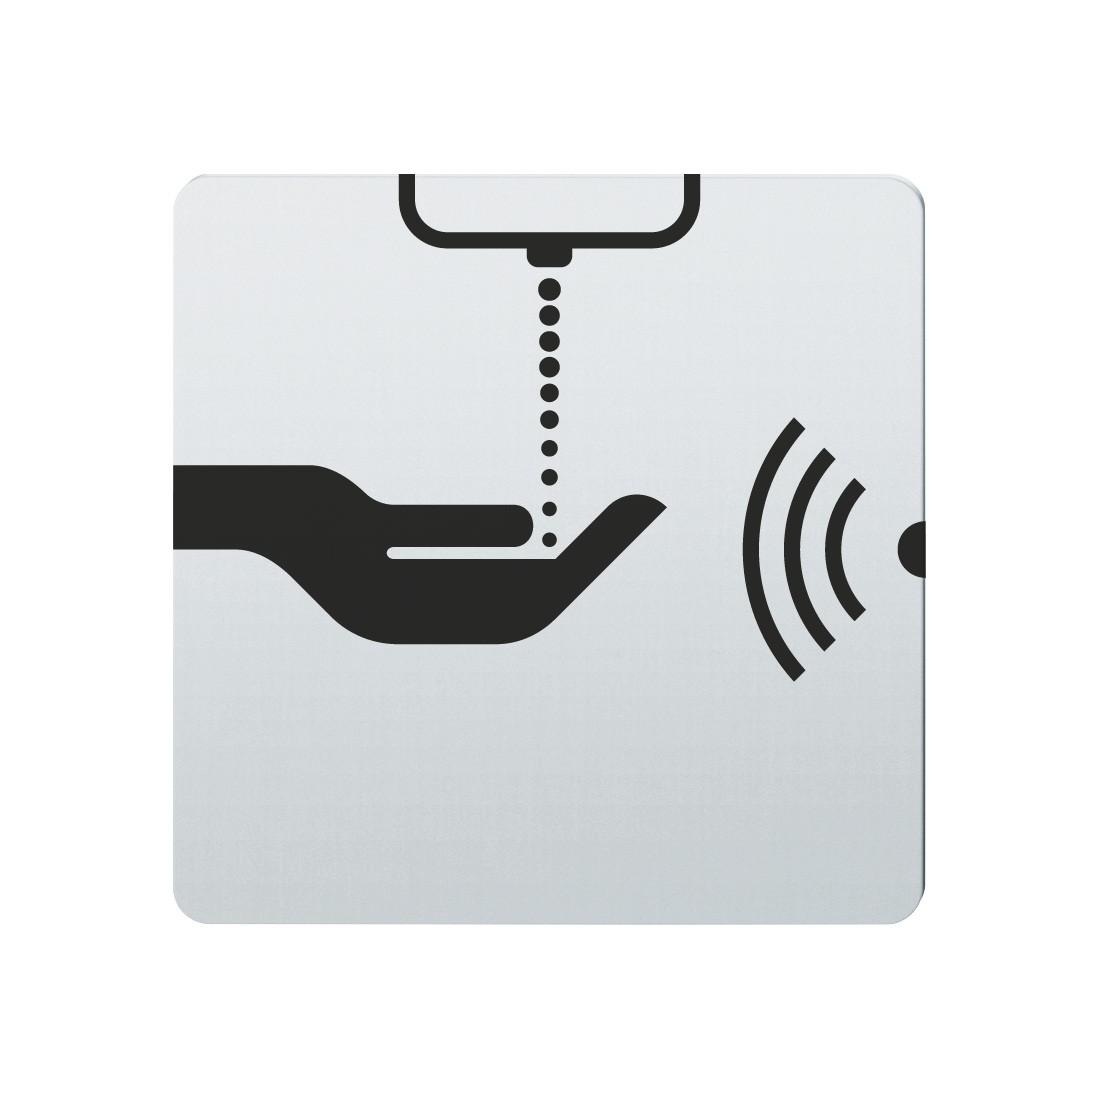 FSB Hinweiszeichen Seifenspender (opto.) Lasergraviert Edelstahl fein matt (0 36 4059 00111 6204)